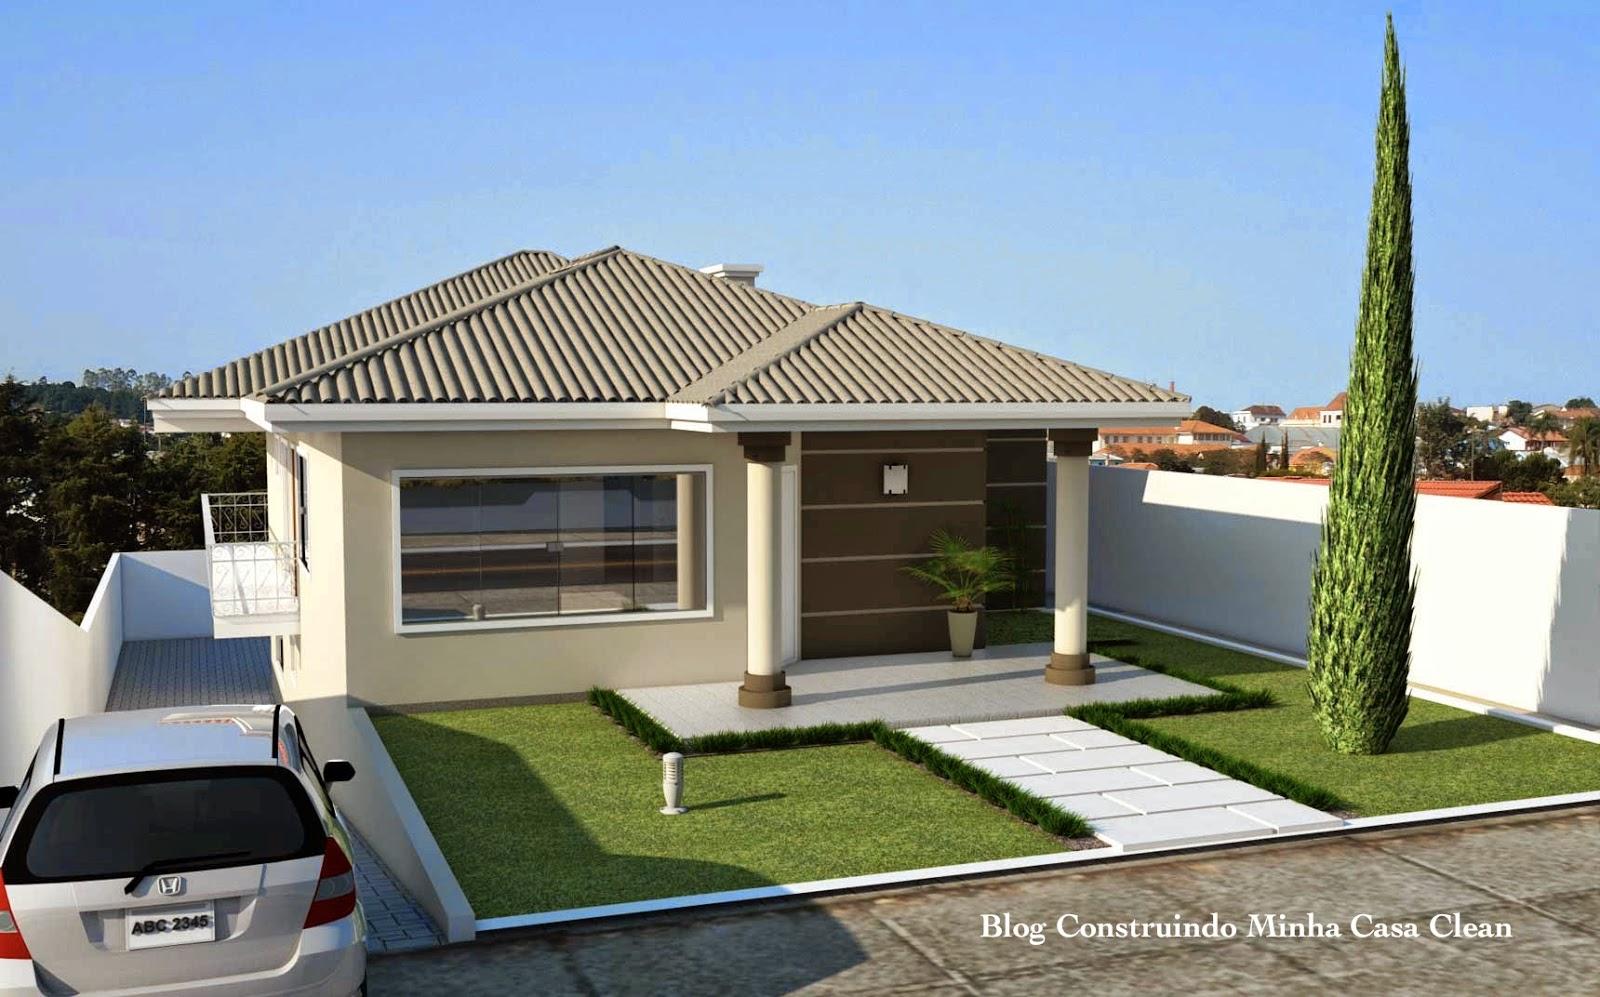 modelos de garagem : Construindo Minha Casa Clean: Fachadas de Casas com Garagem!